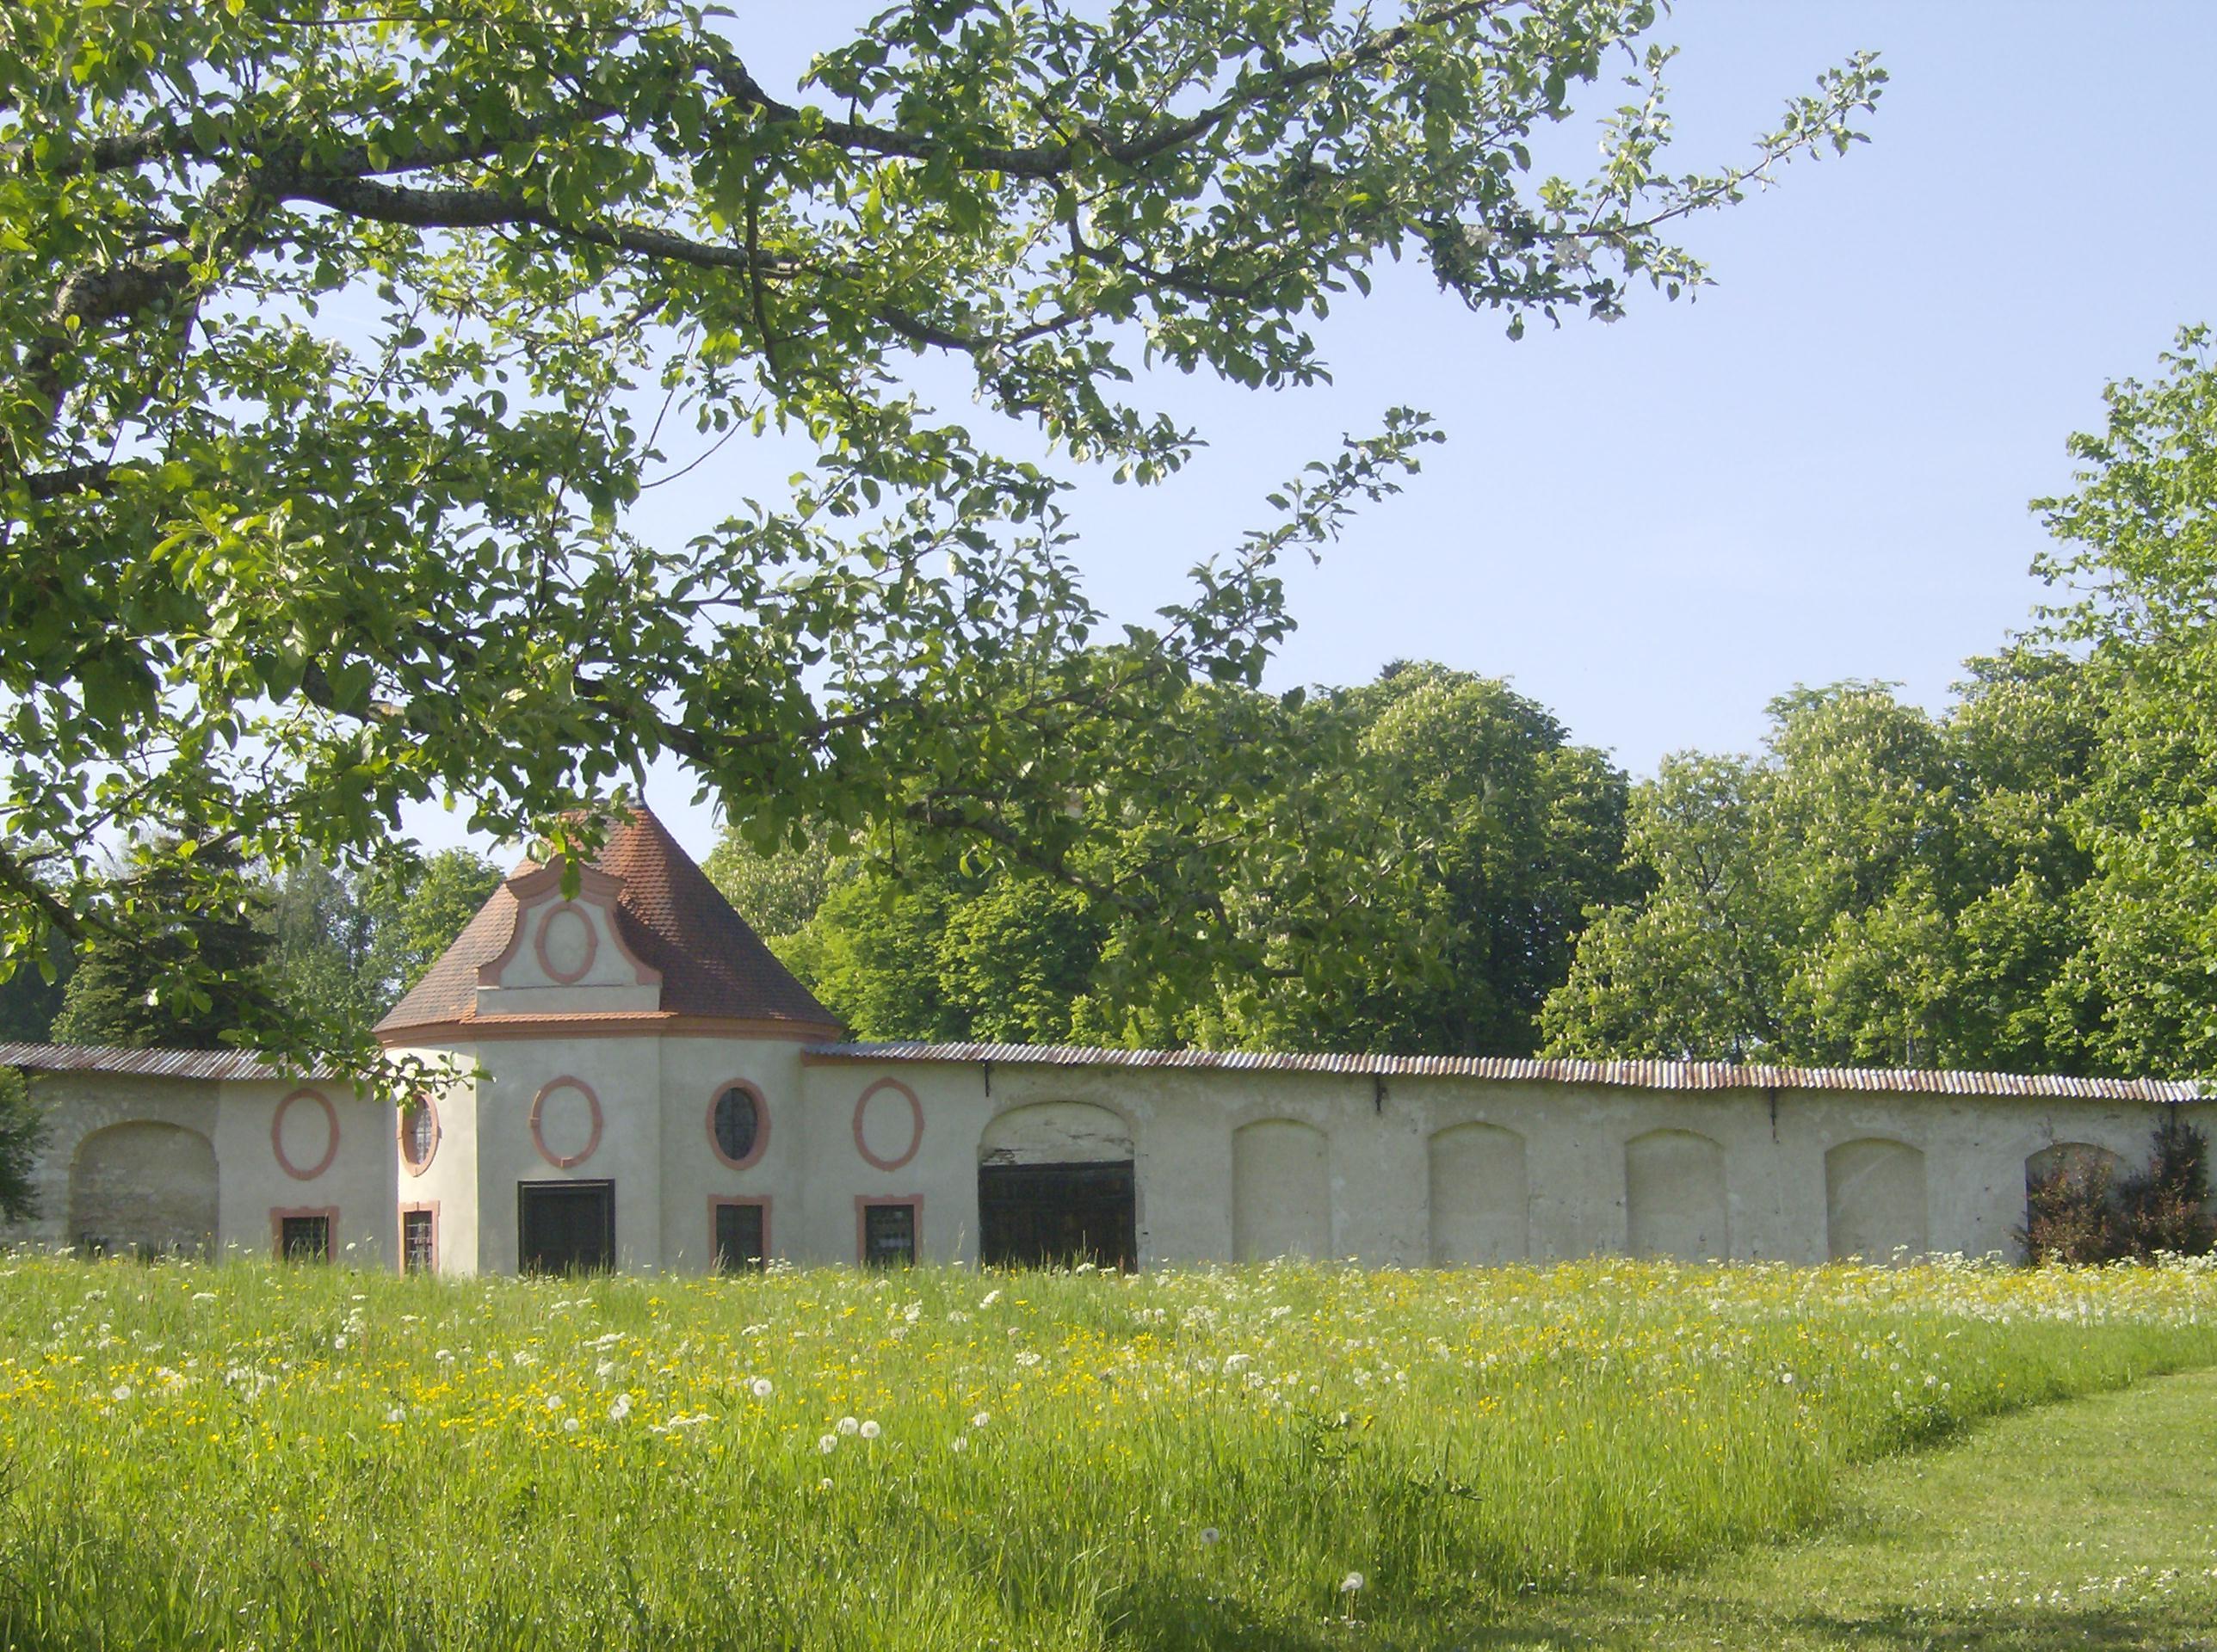 Klostermauer in Inzigkofen